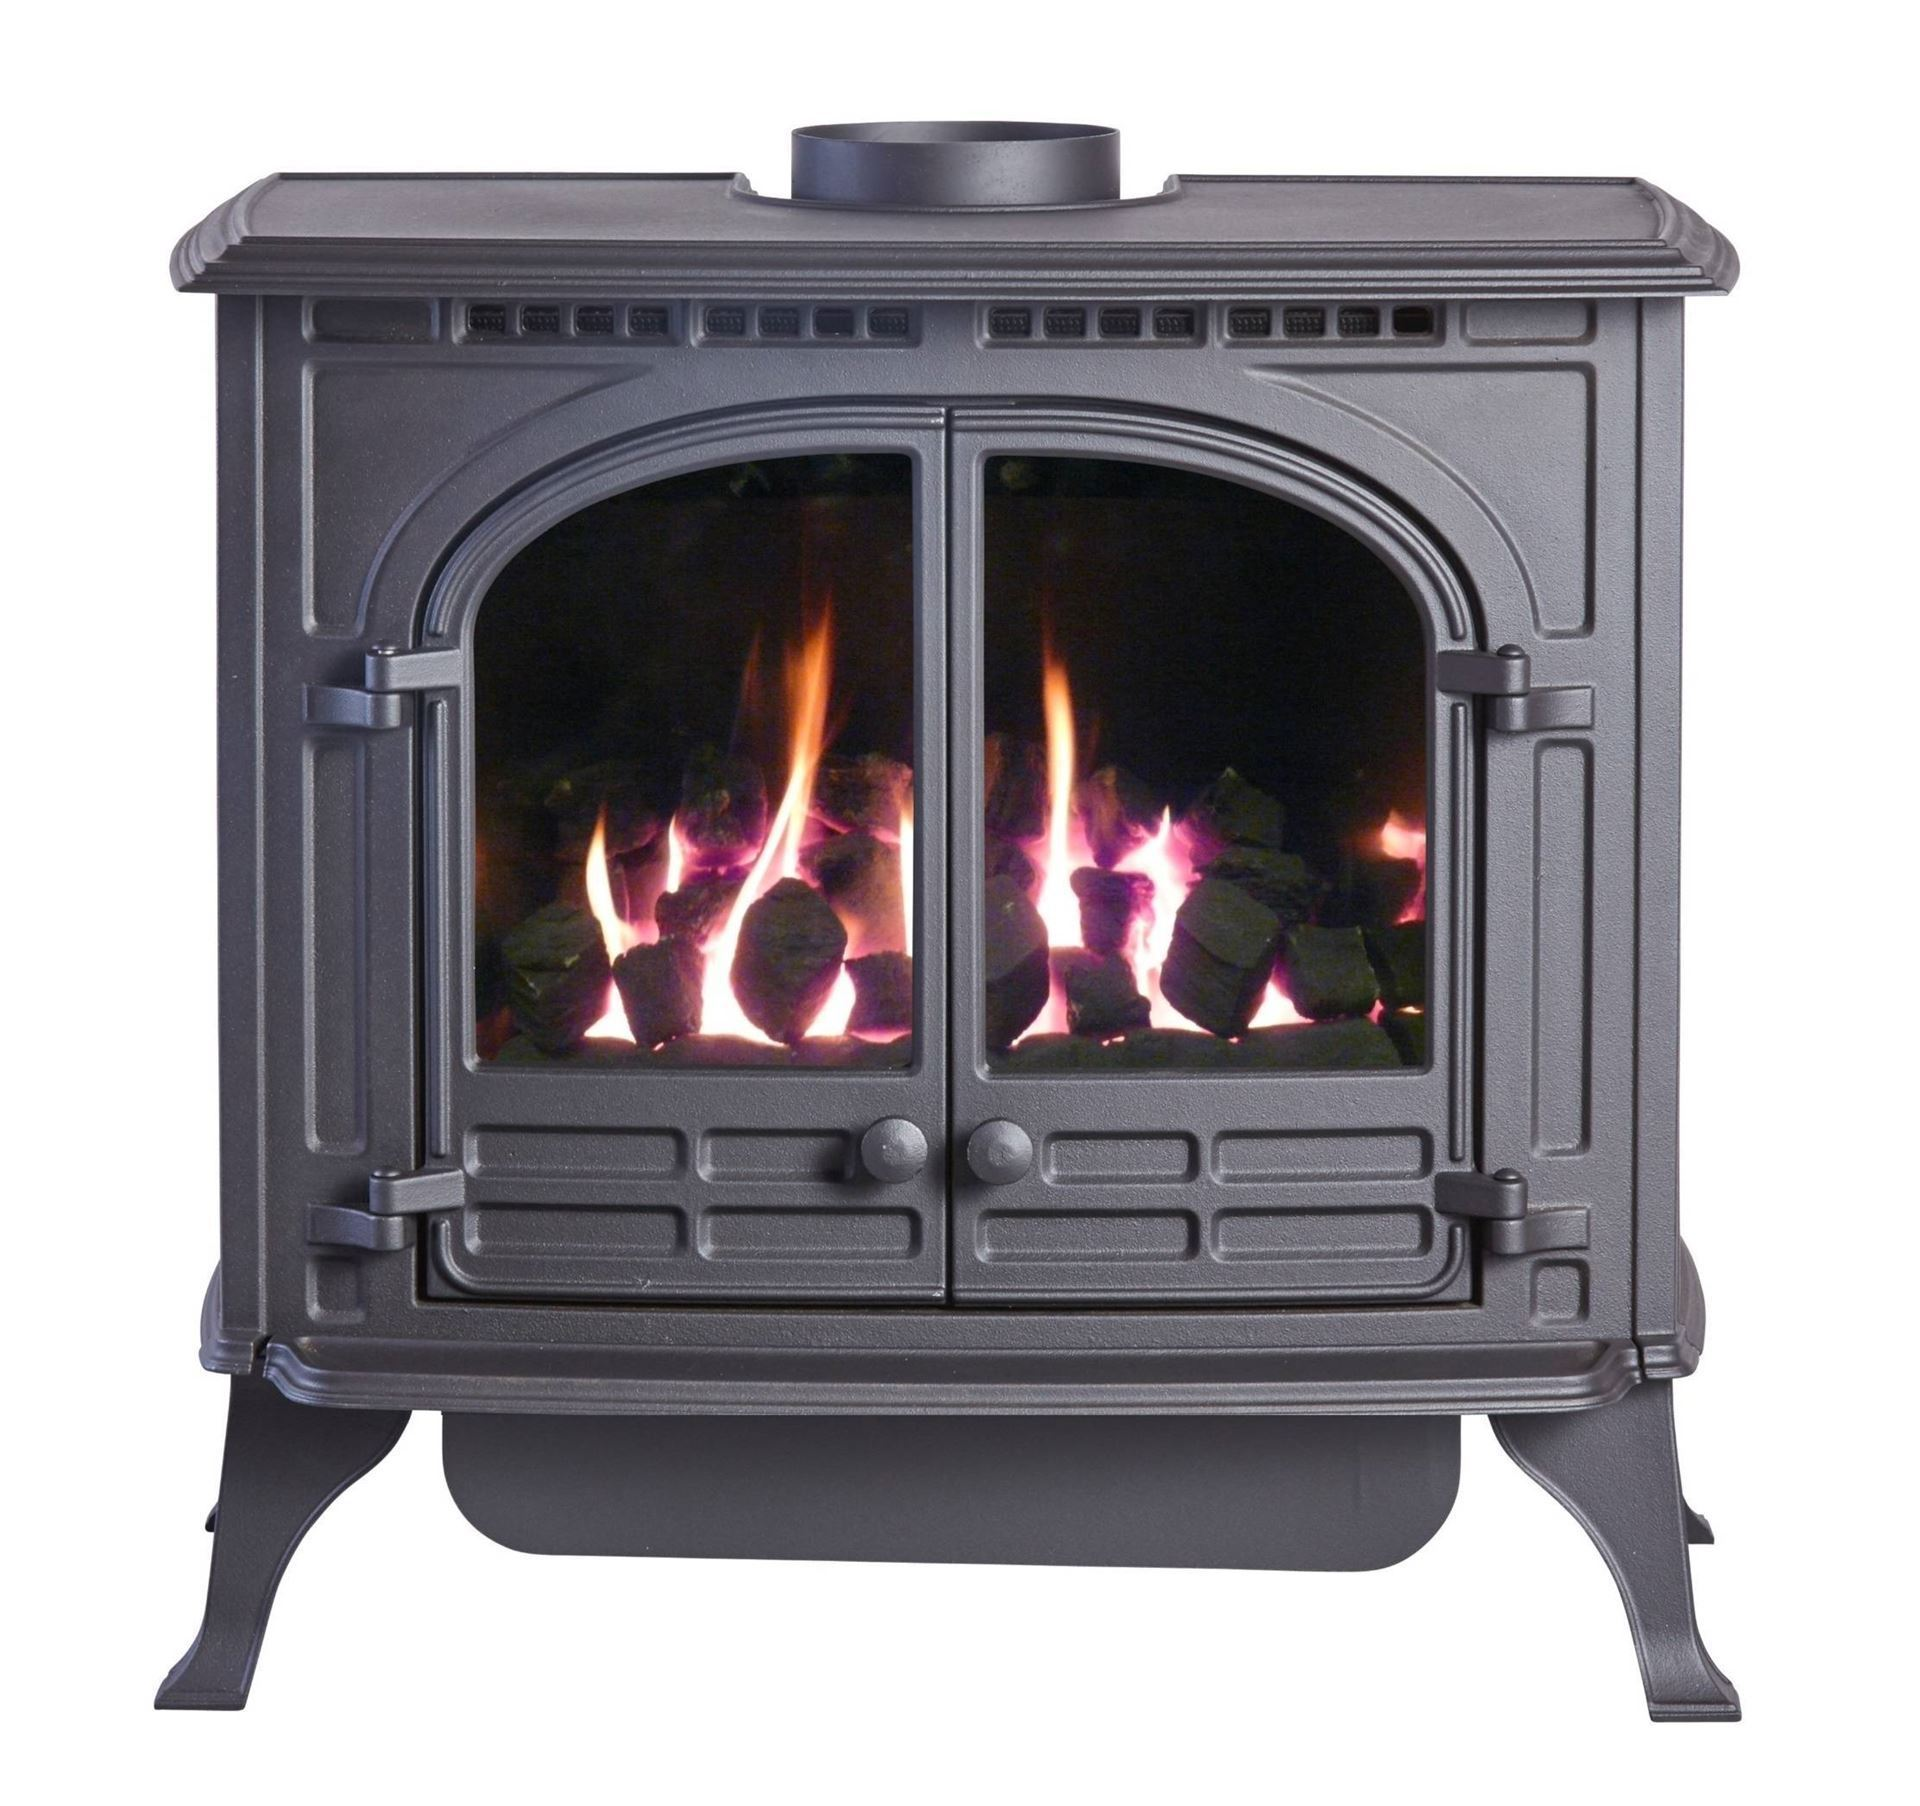 Hunter Select 6 Gas Stove - Ex-Display